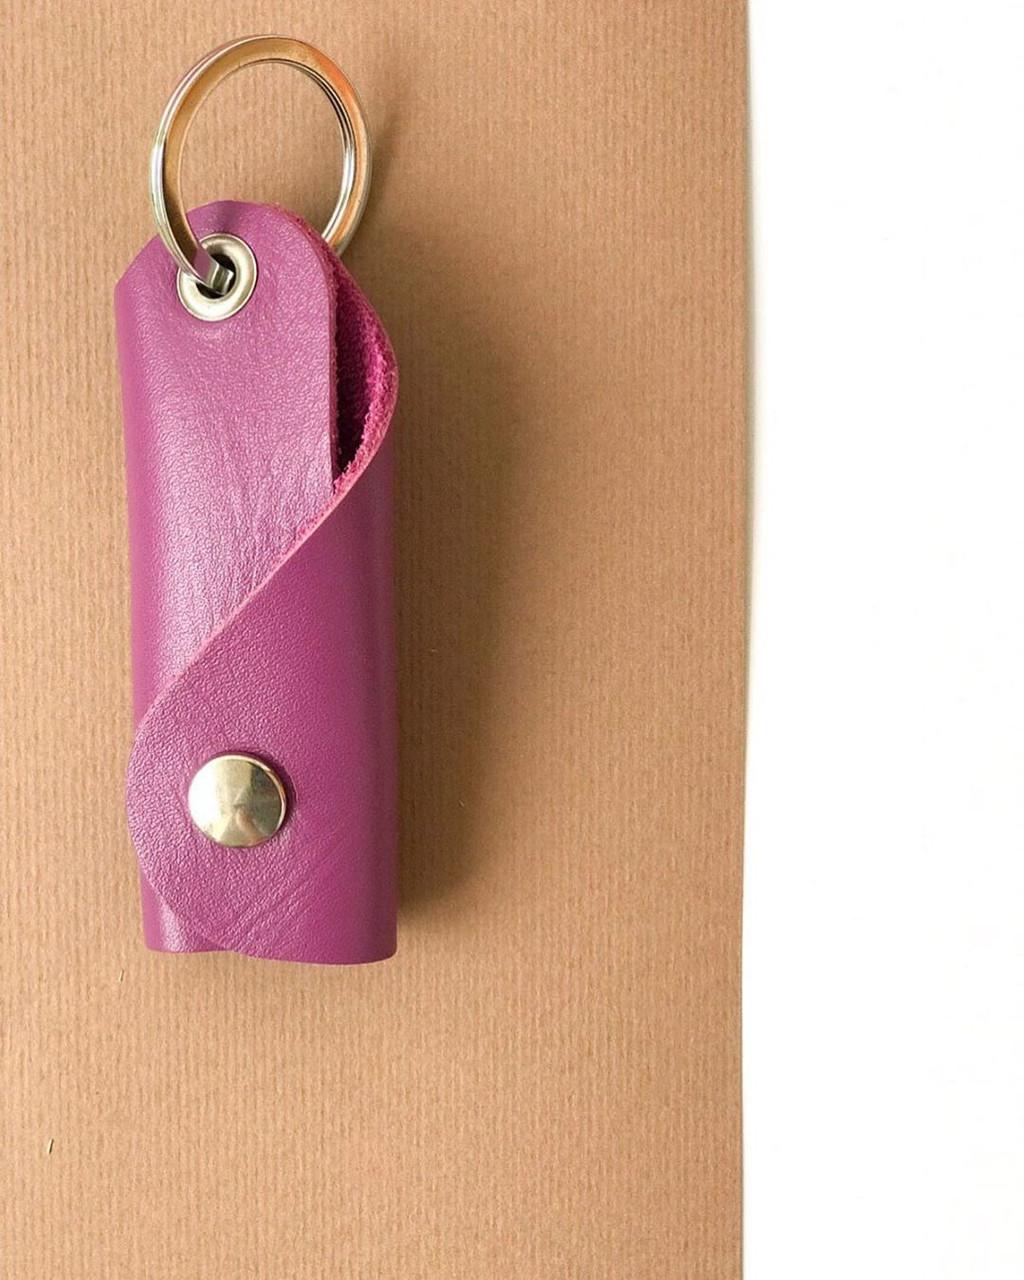 Шкіряна ключниця «Keysi Lilac» жіноча бузкова (9,5x9 см) ручної роботи